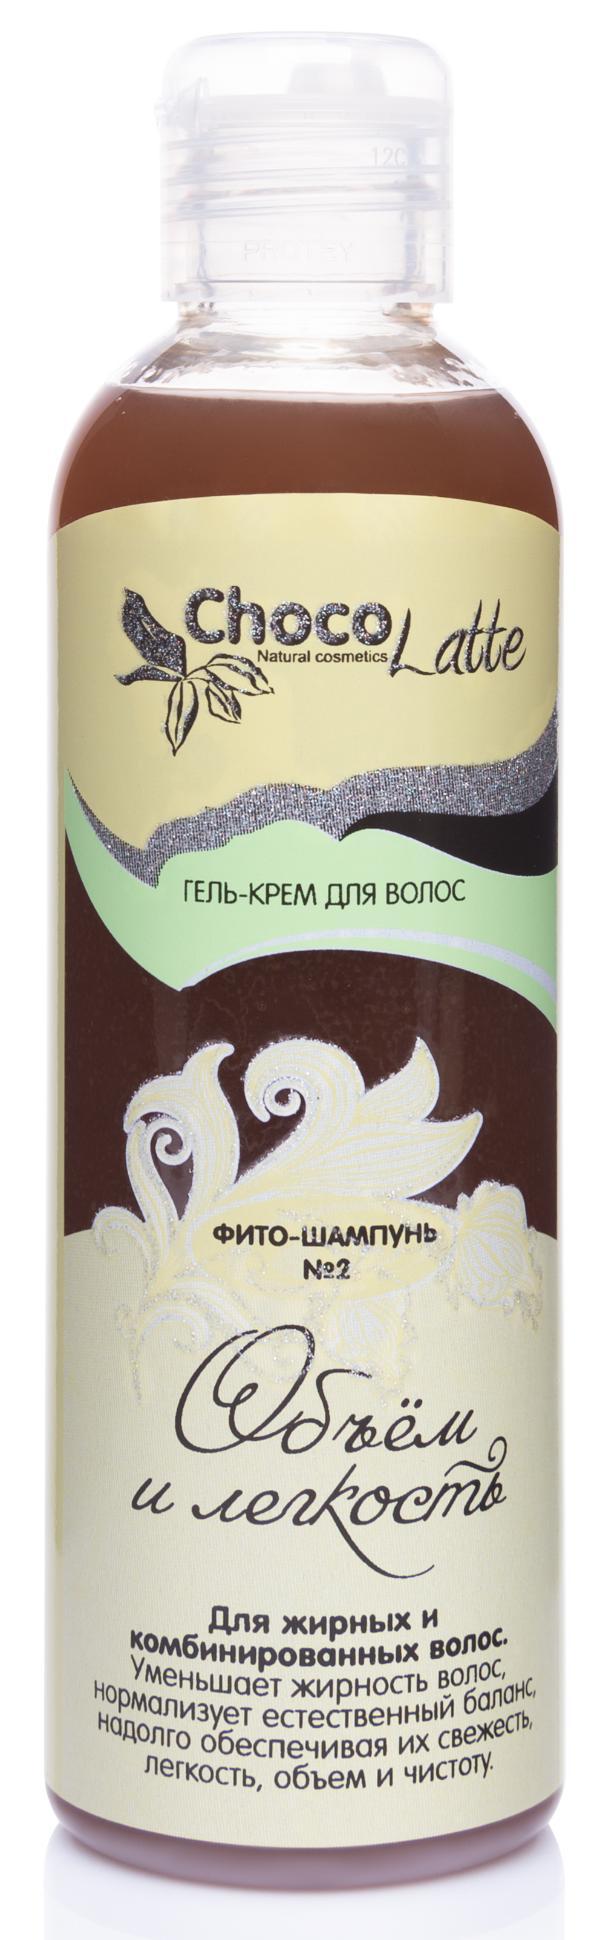 Гель-крем для волос ФИТО-ШАМПУНЬ №2, 200 мл, CHOCOLATTE фото